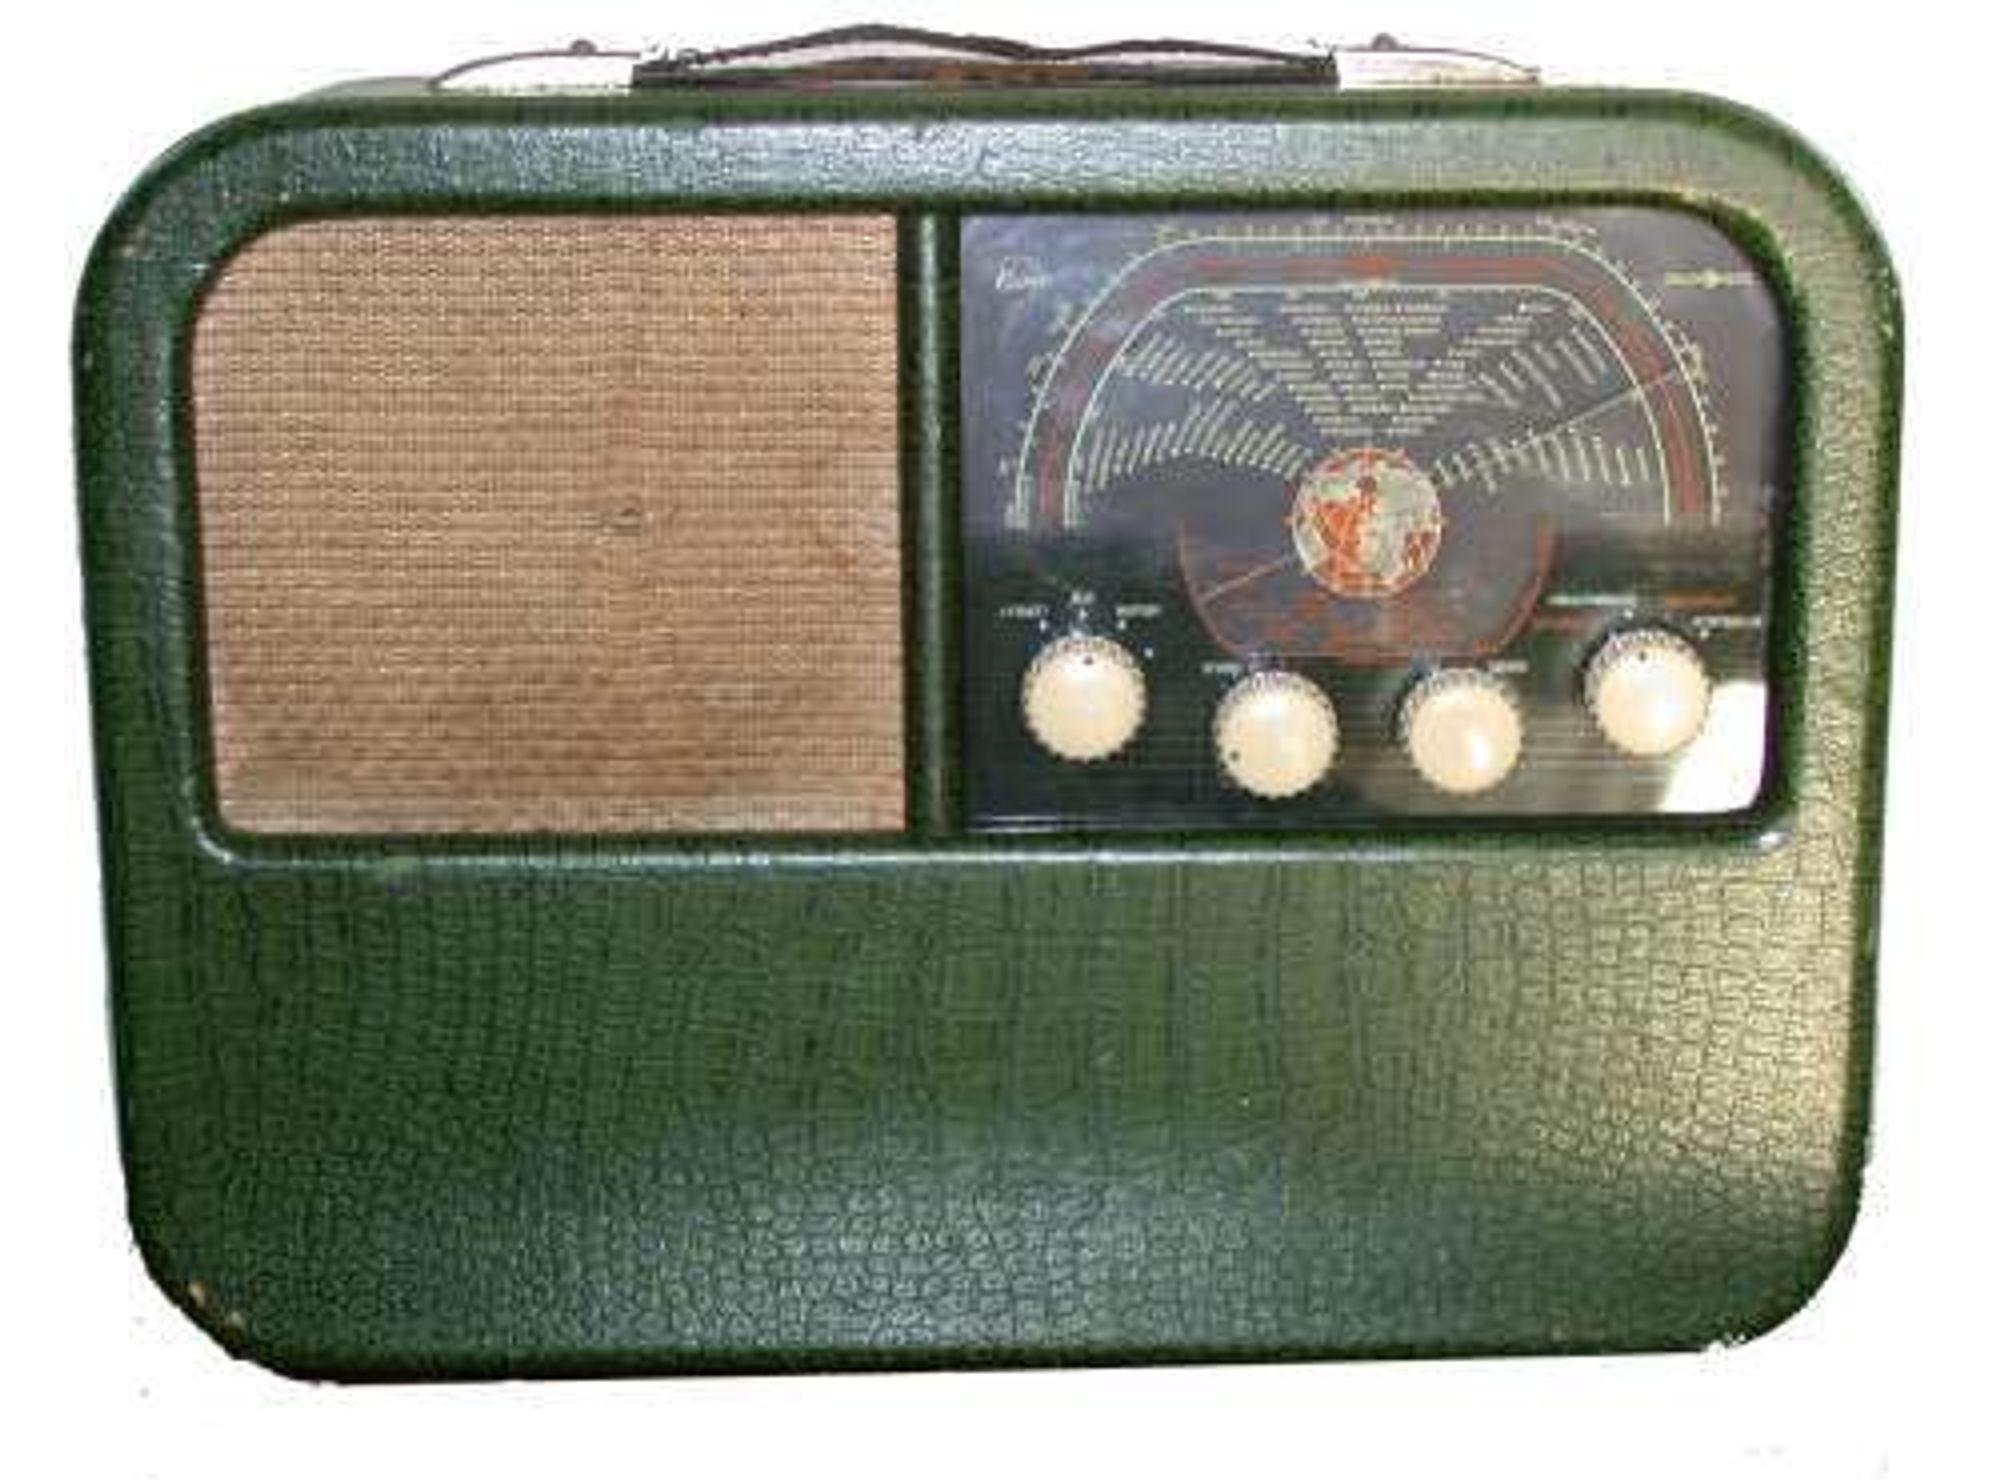 Teknologinyheter - lytt til radio